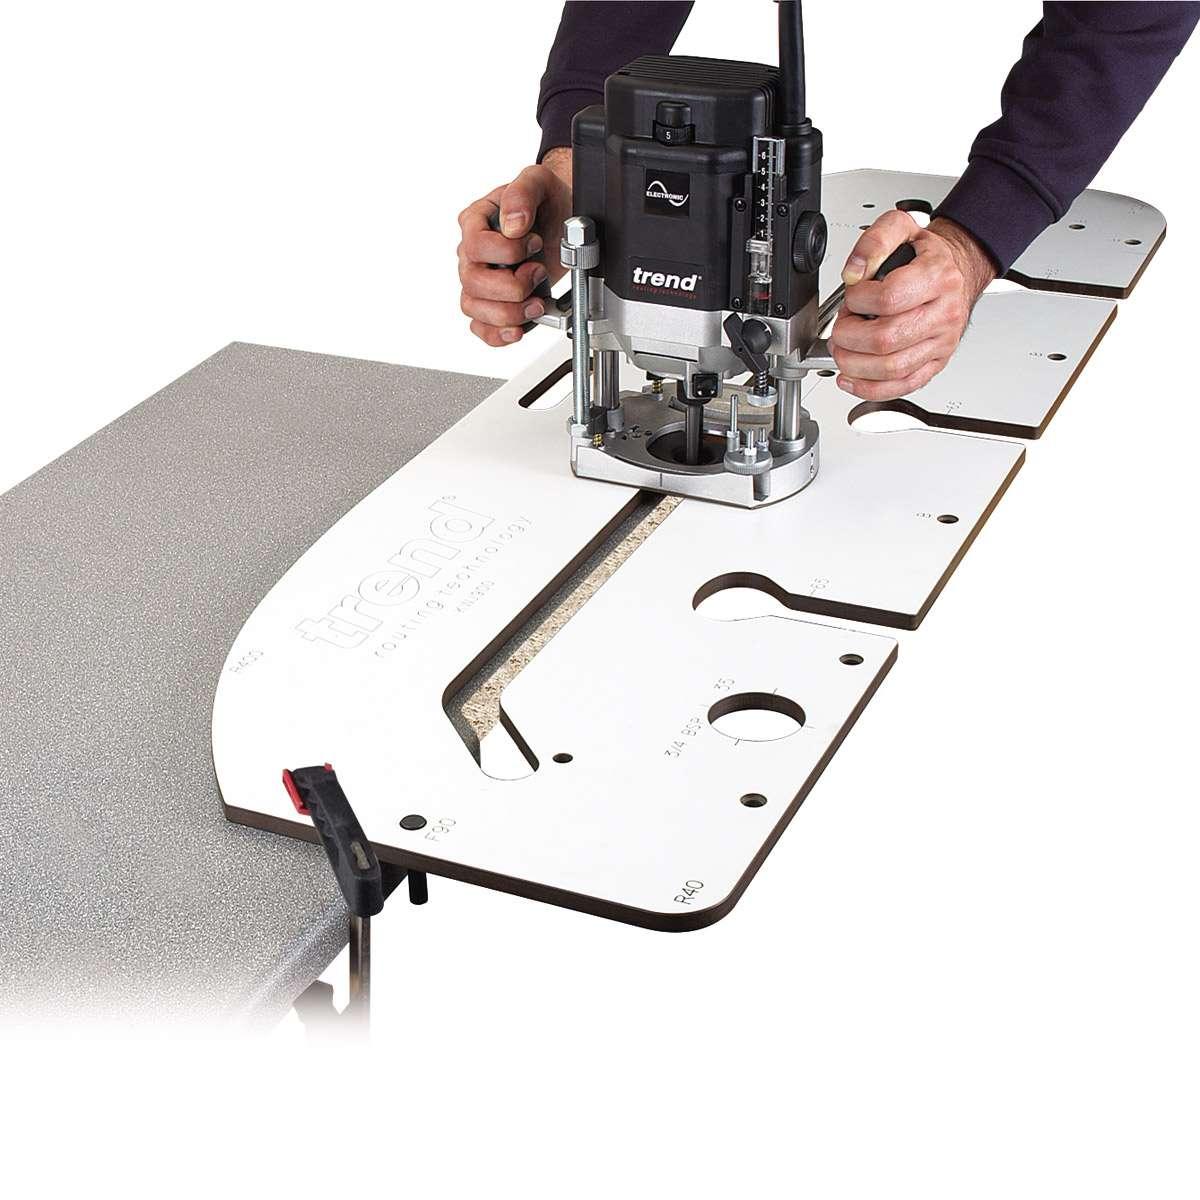 kitchen worktop cutting template - worktop jig smiths hire